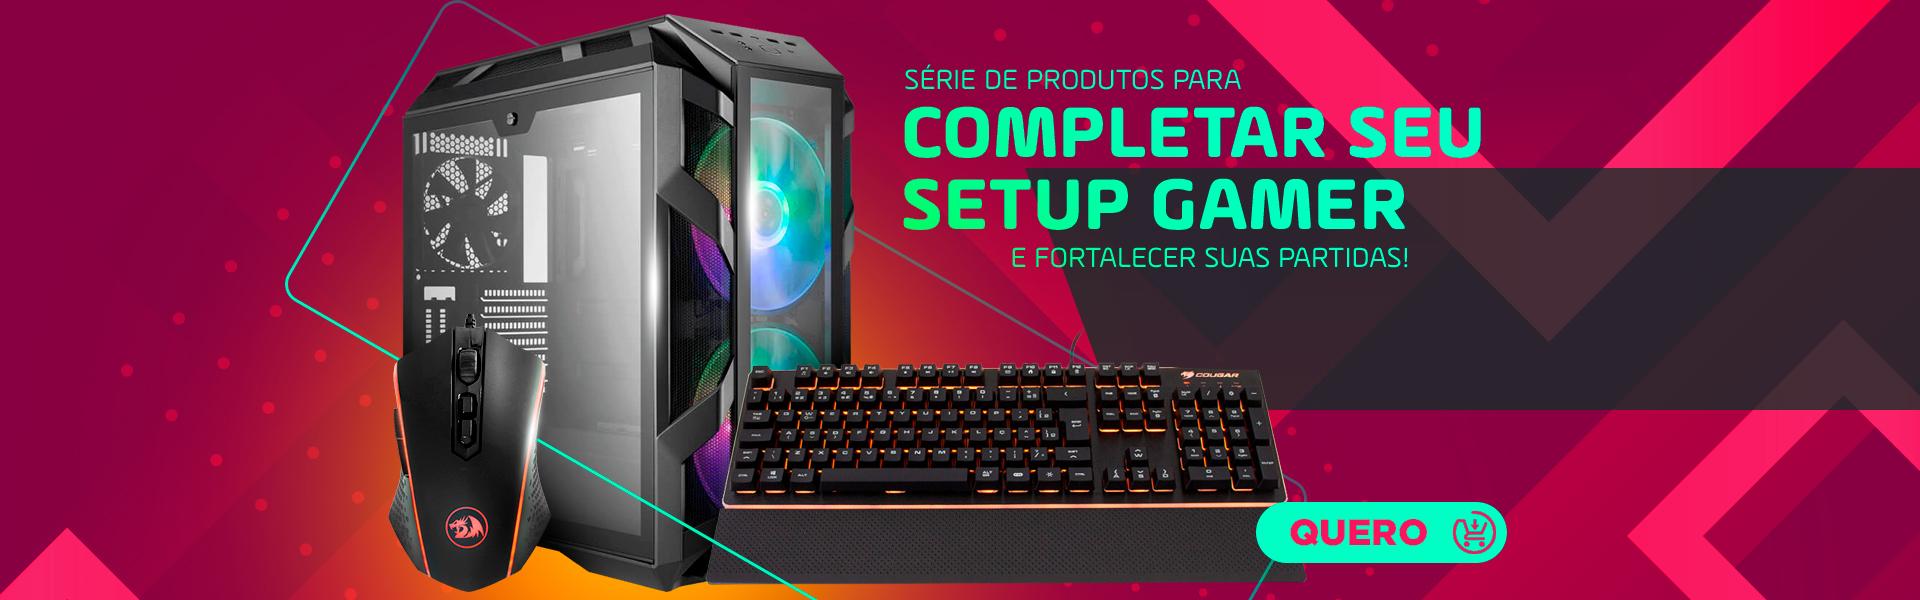 Banner Categoria Gamer